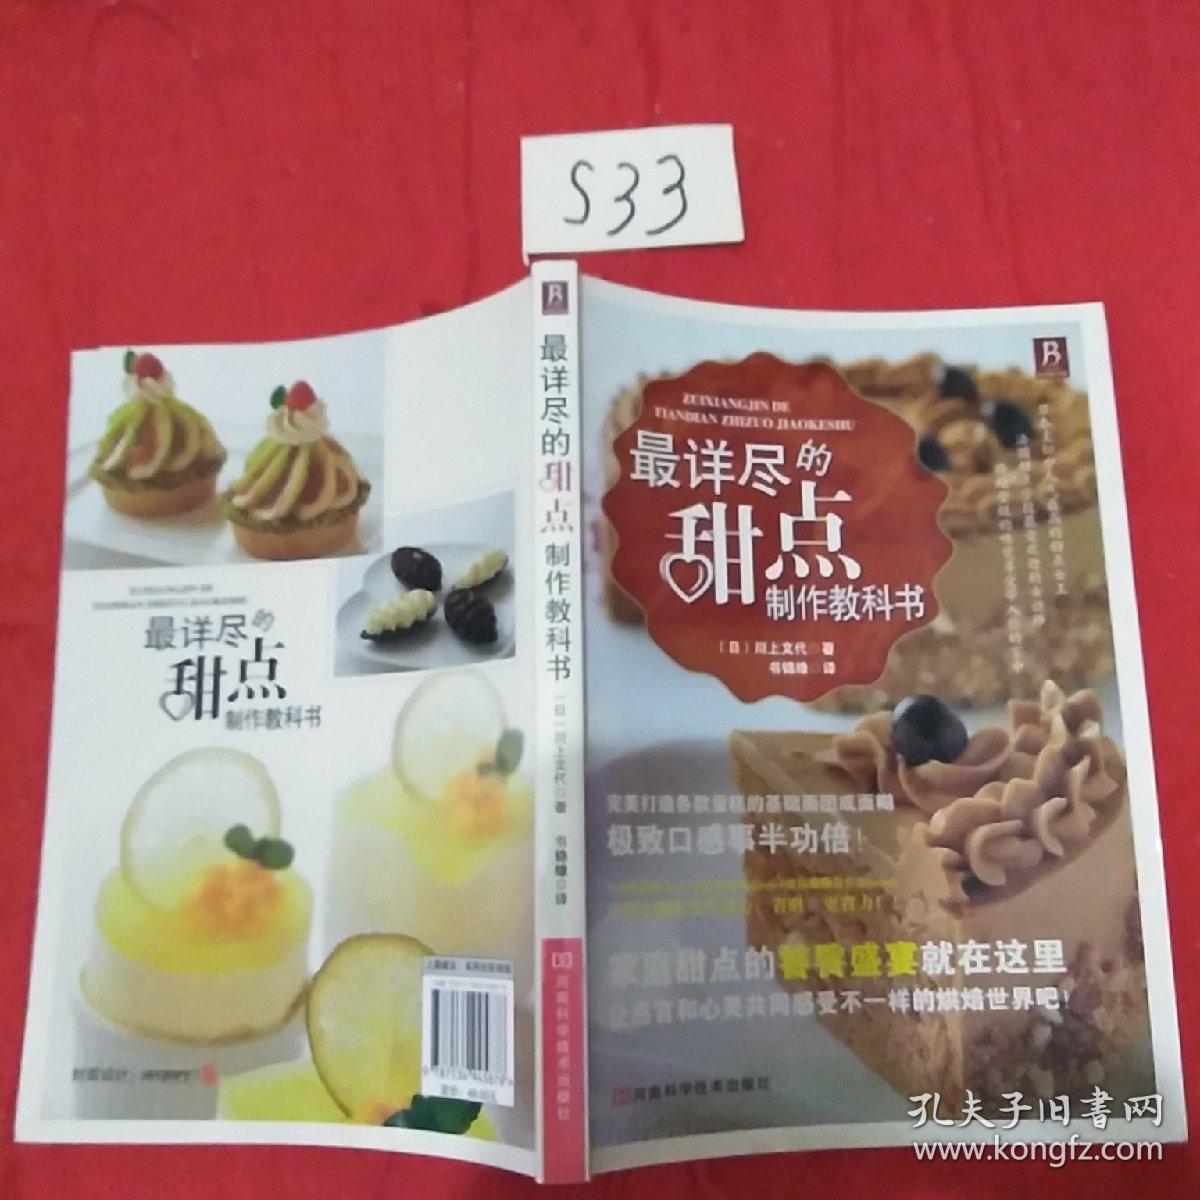 最详尽的甜点v甜点教科书技巧授课的小古筝图片